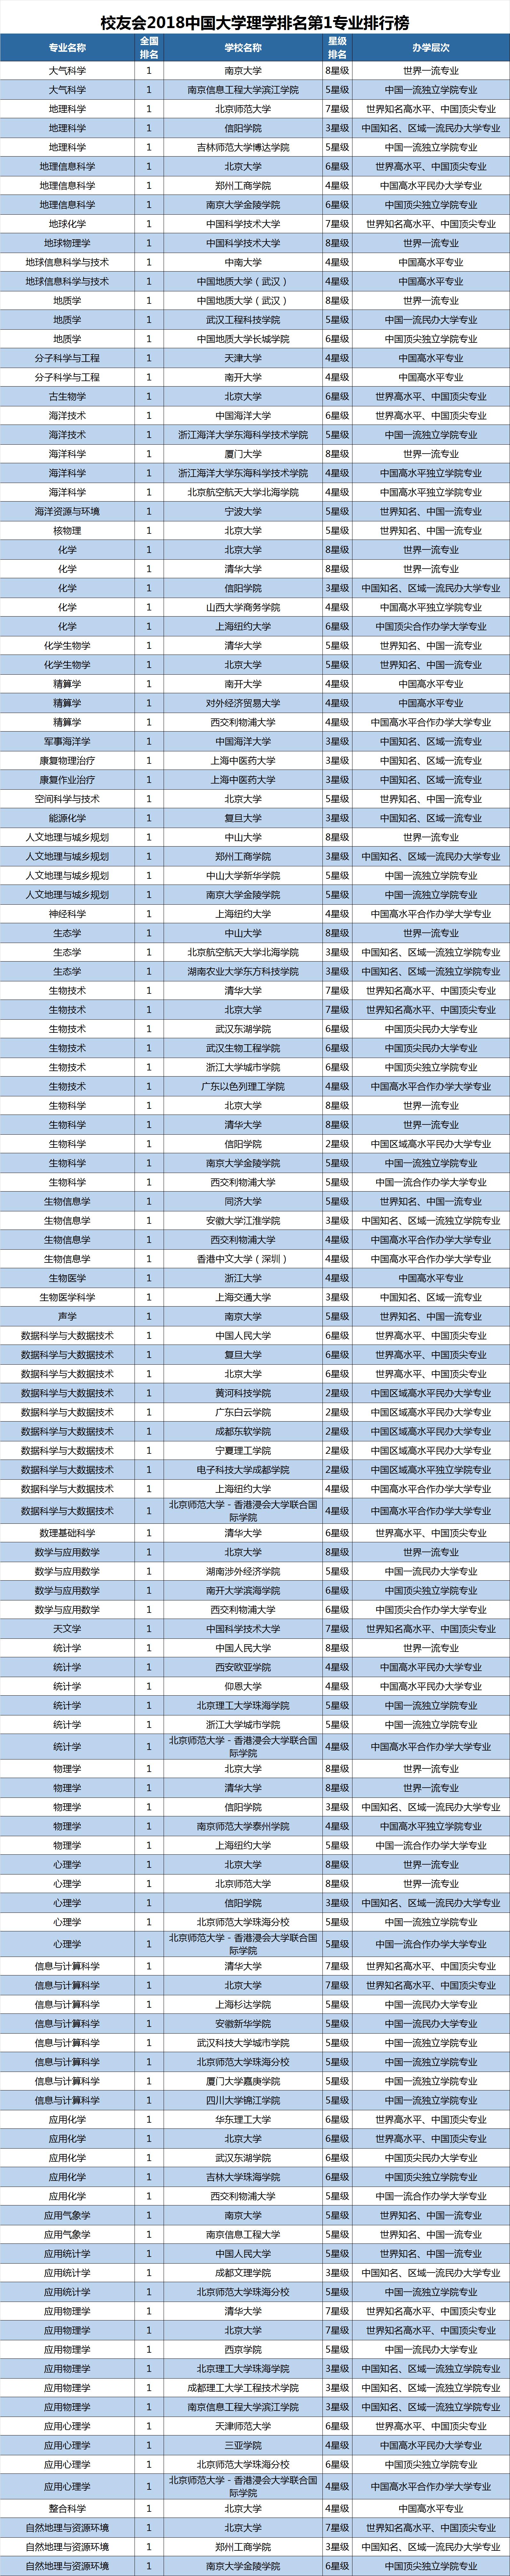 必赢亚洲366.net 8